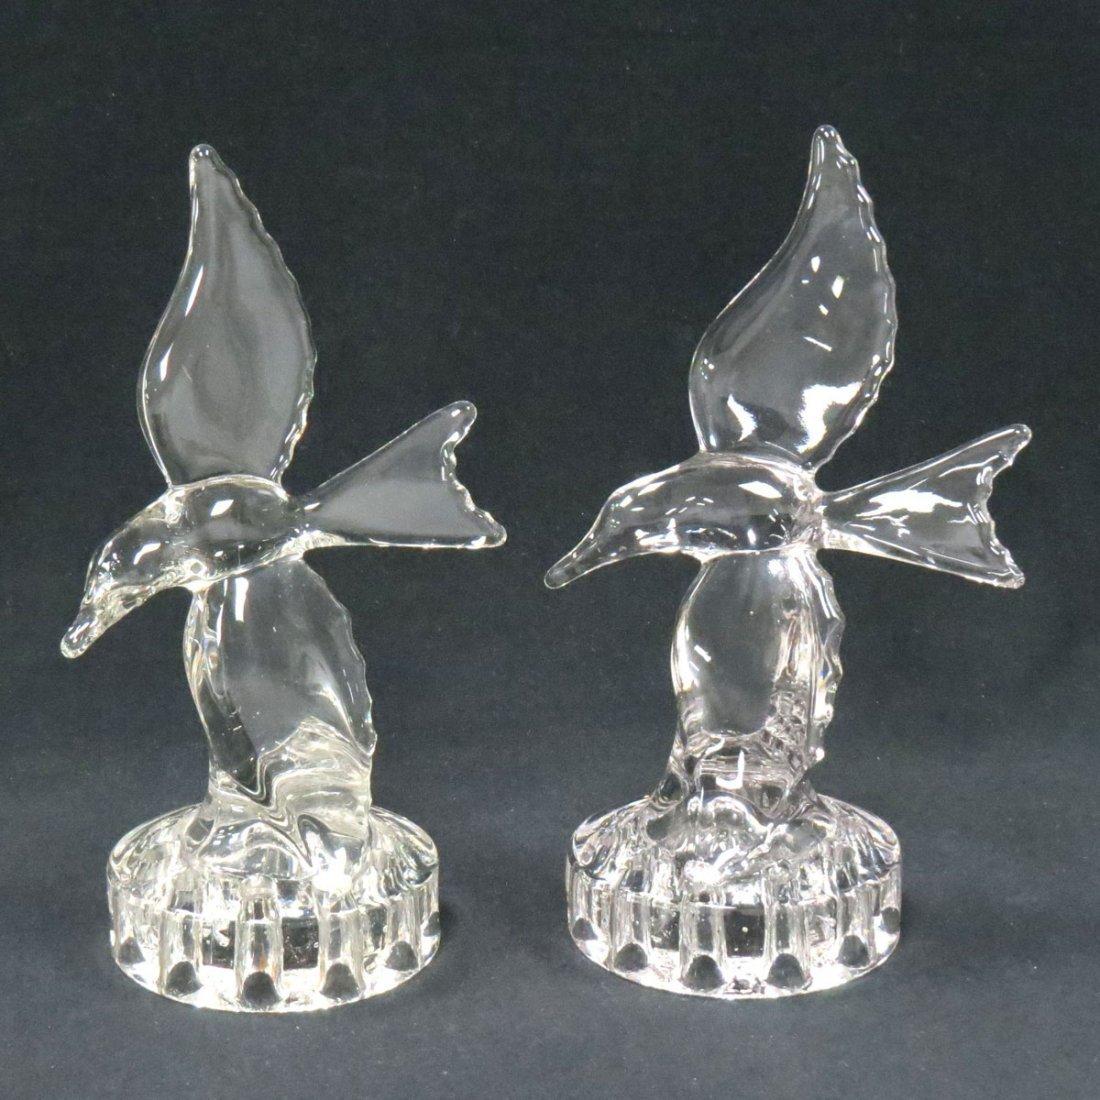 PAIR ART DECO GLASS BIRD-FORM FLOWER FROGS